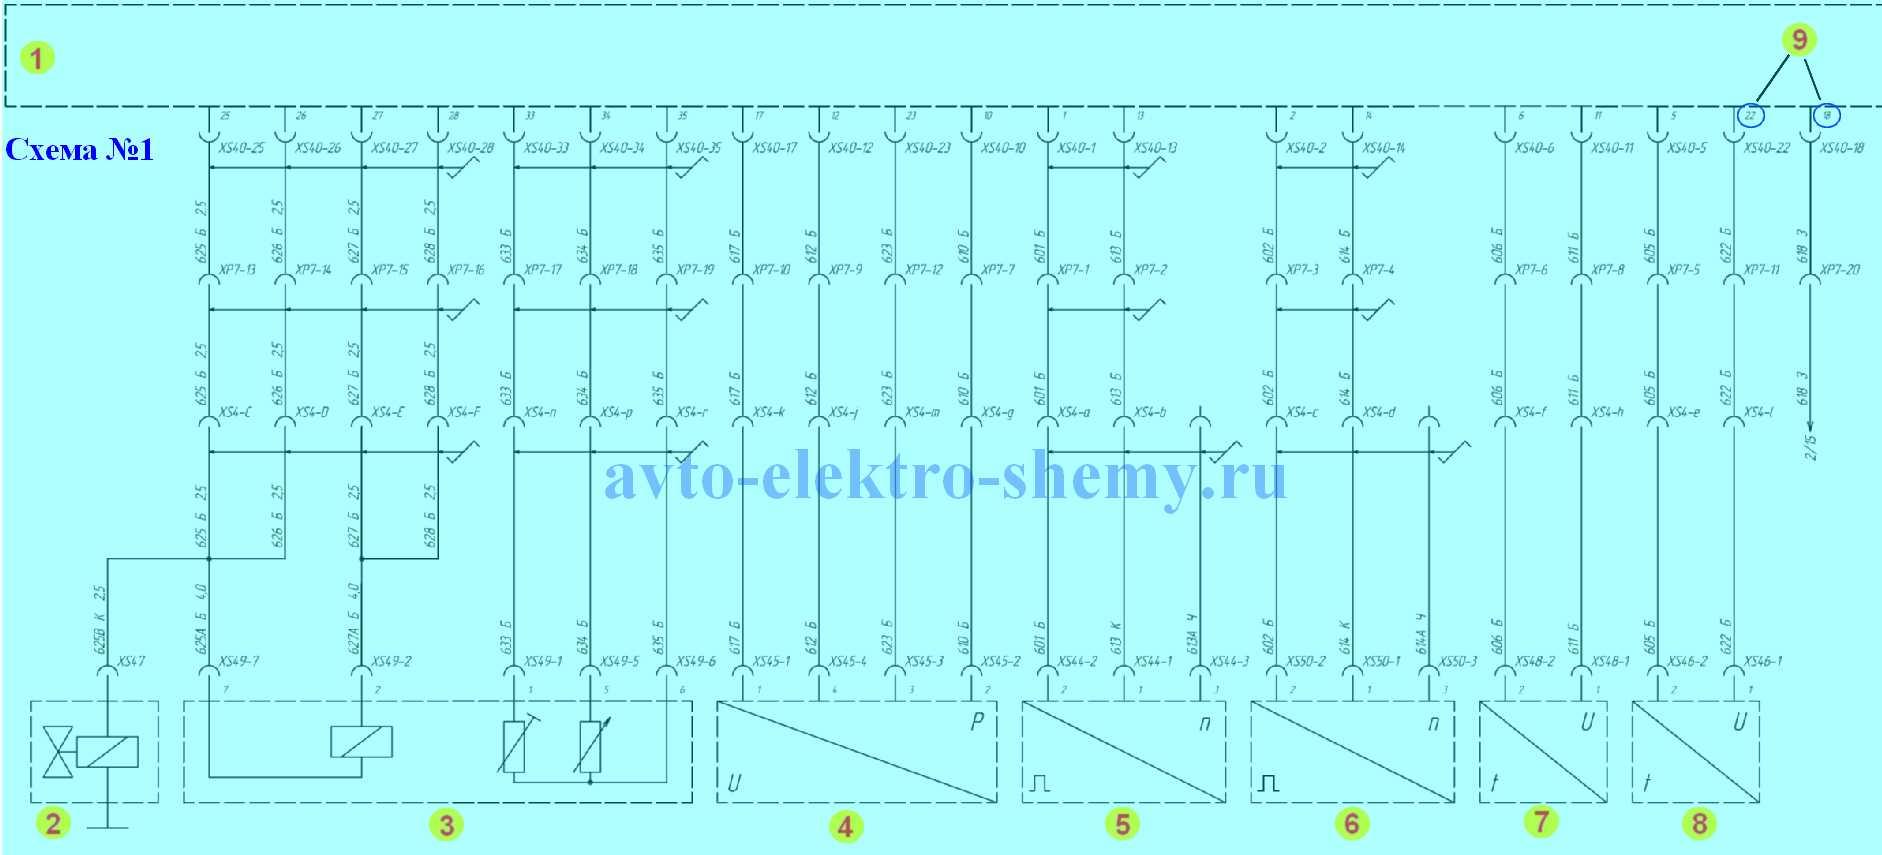 Схема подключения BOSCH MS6.1. на автомобиле Камаз, рис. 1.